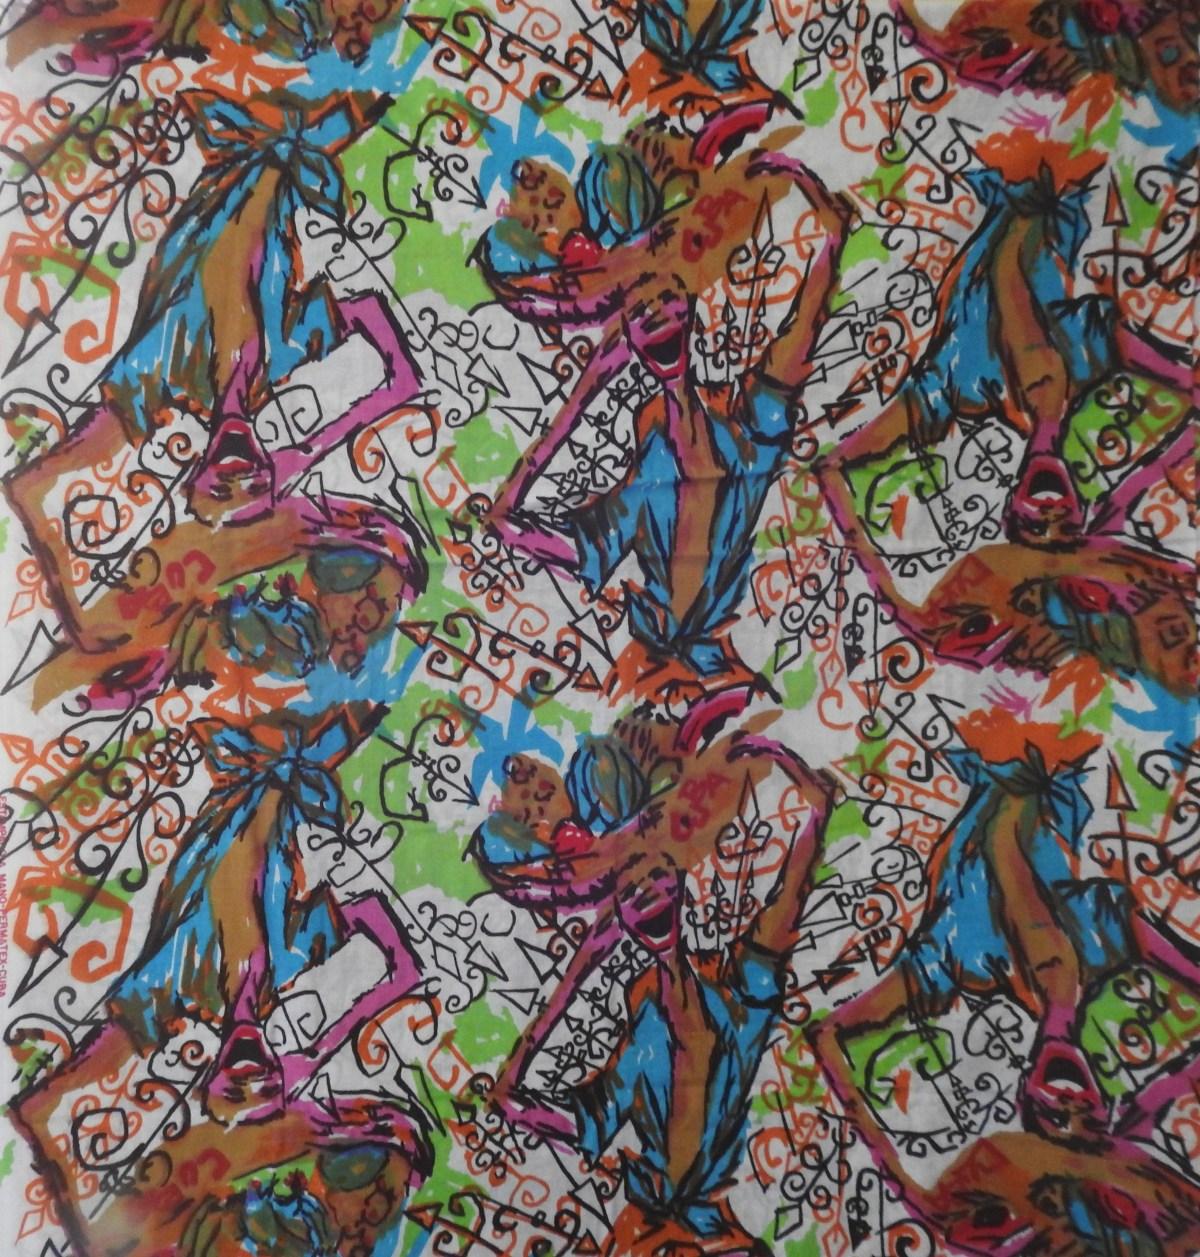 linen fabric bought in Cuba by Jeltje